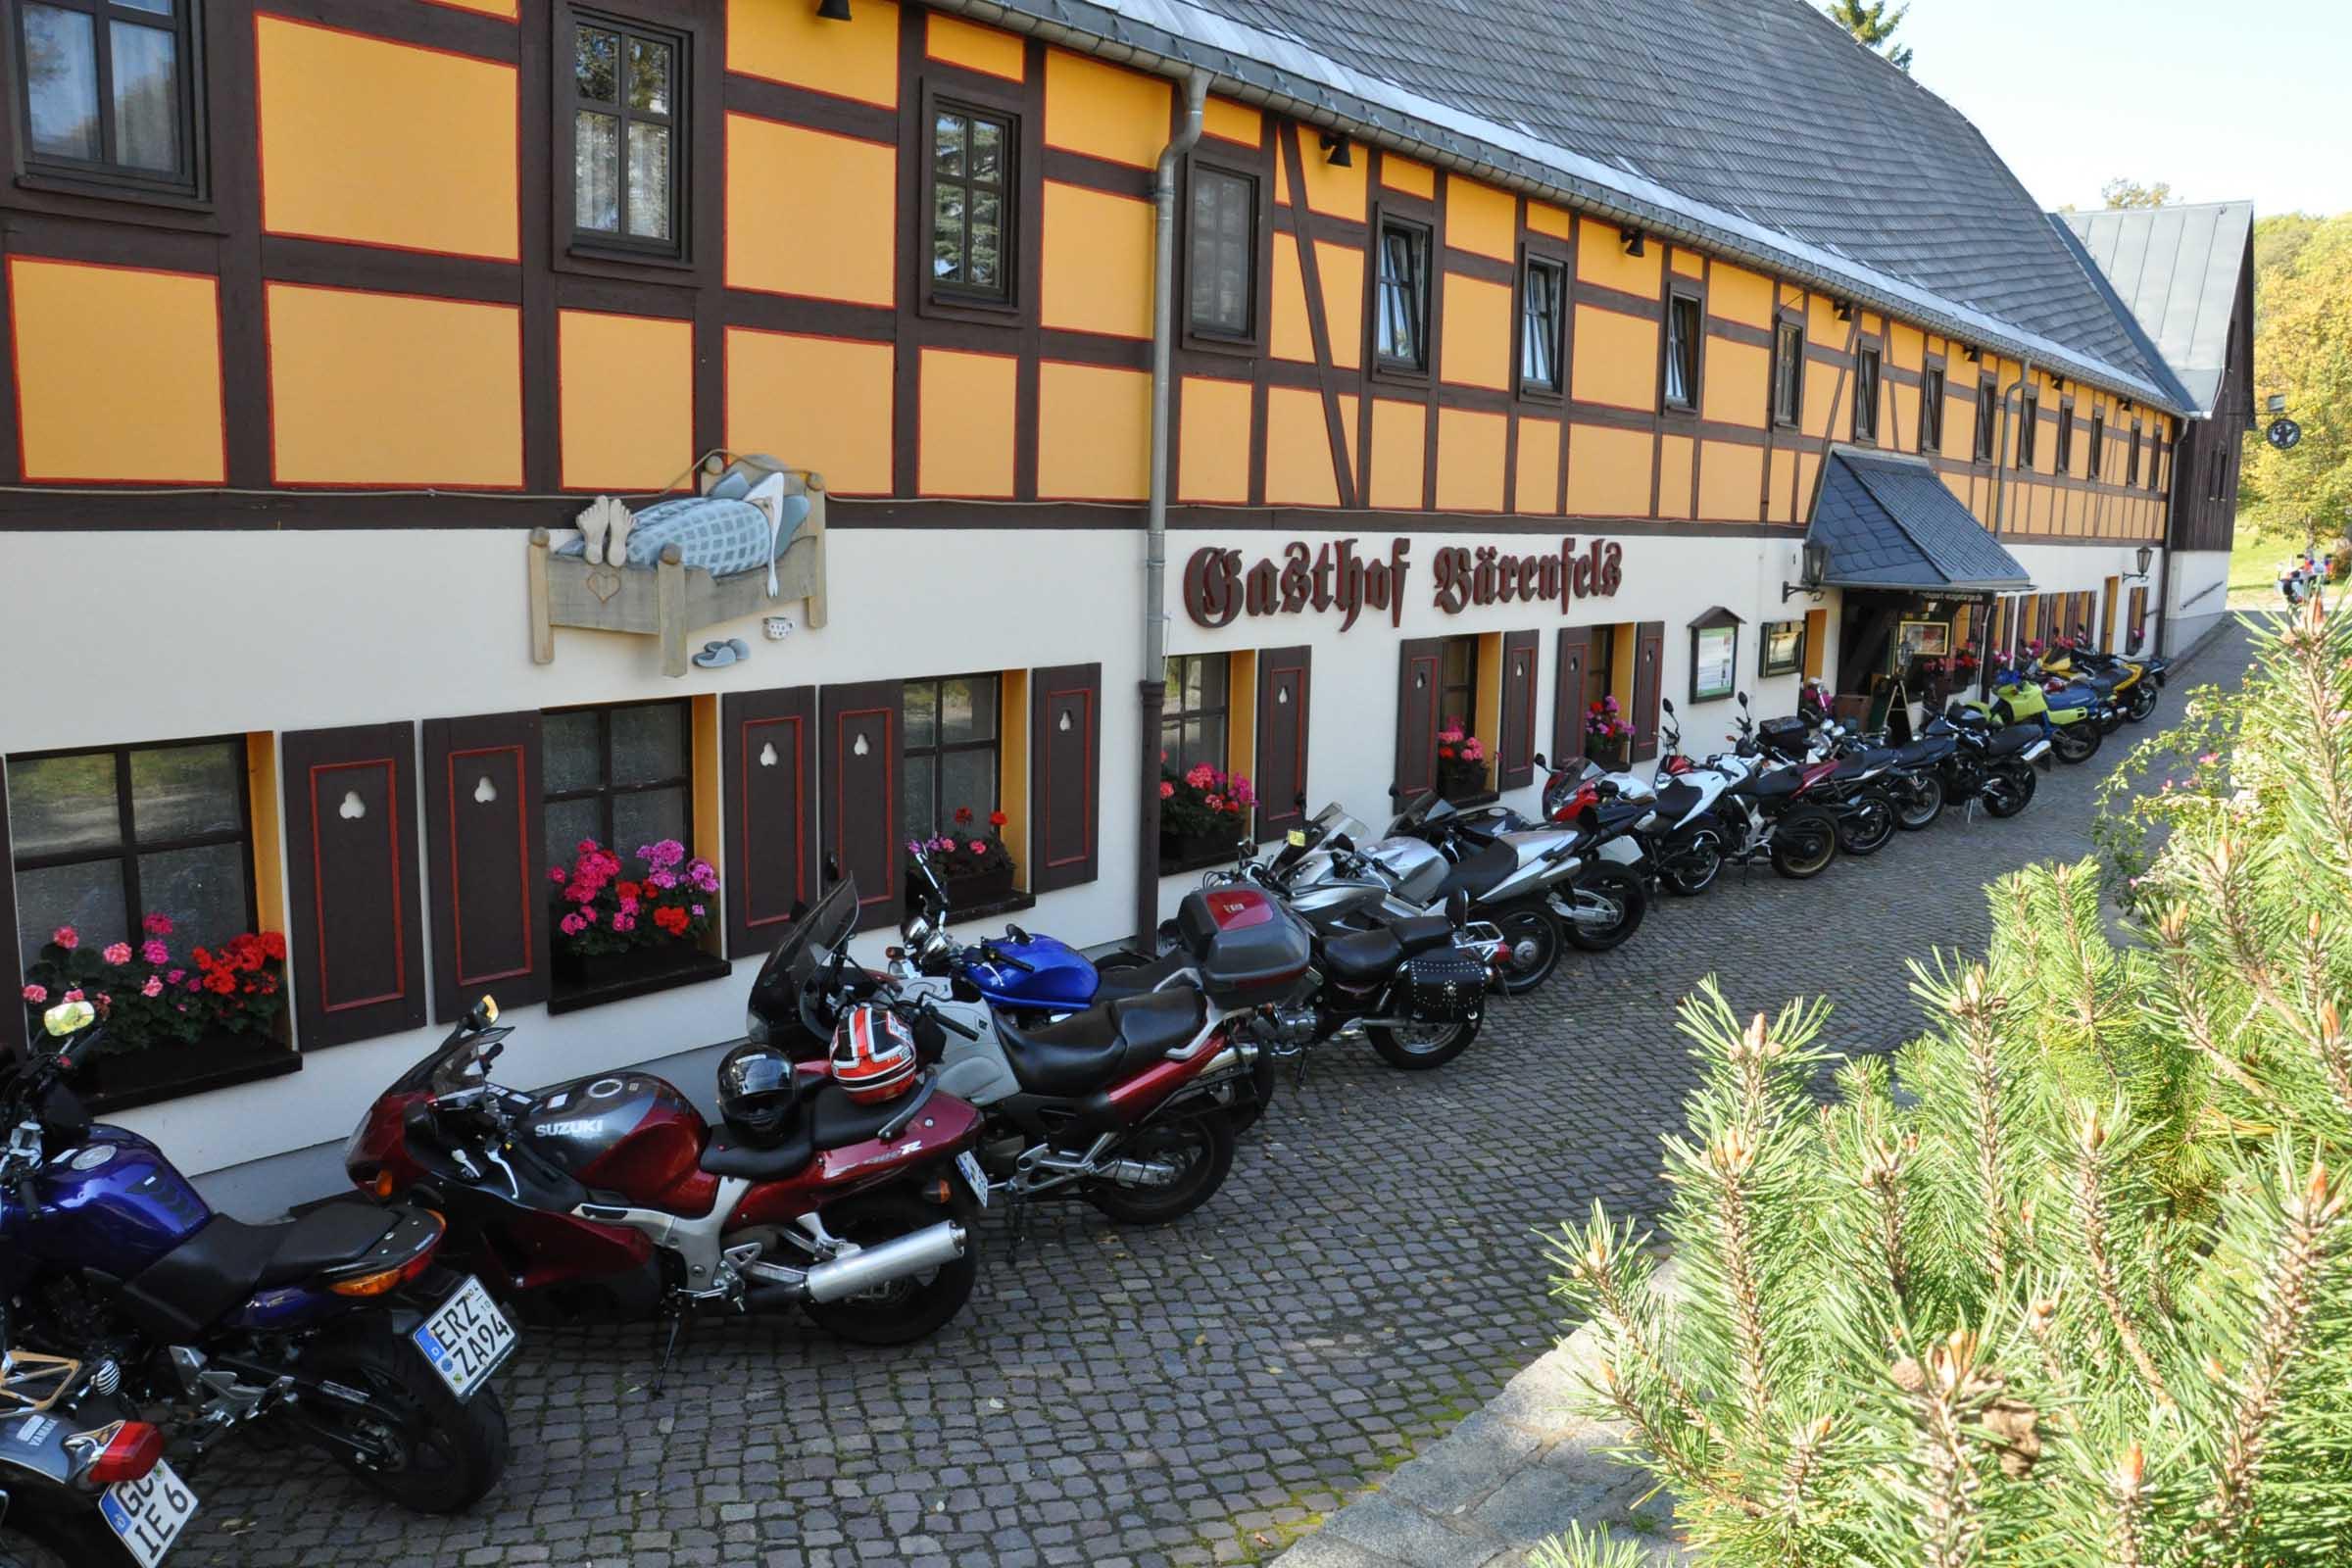 Motorradfahrer im Gasthof Bärenfels